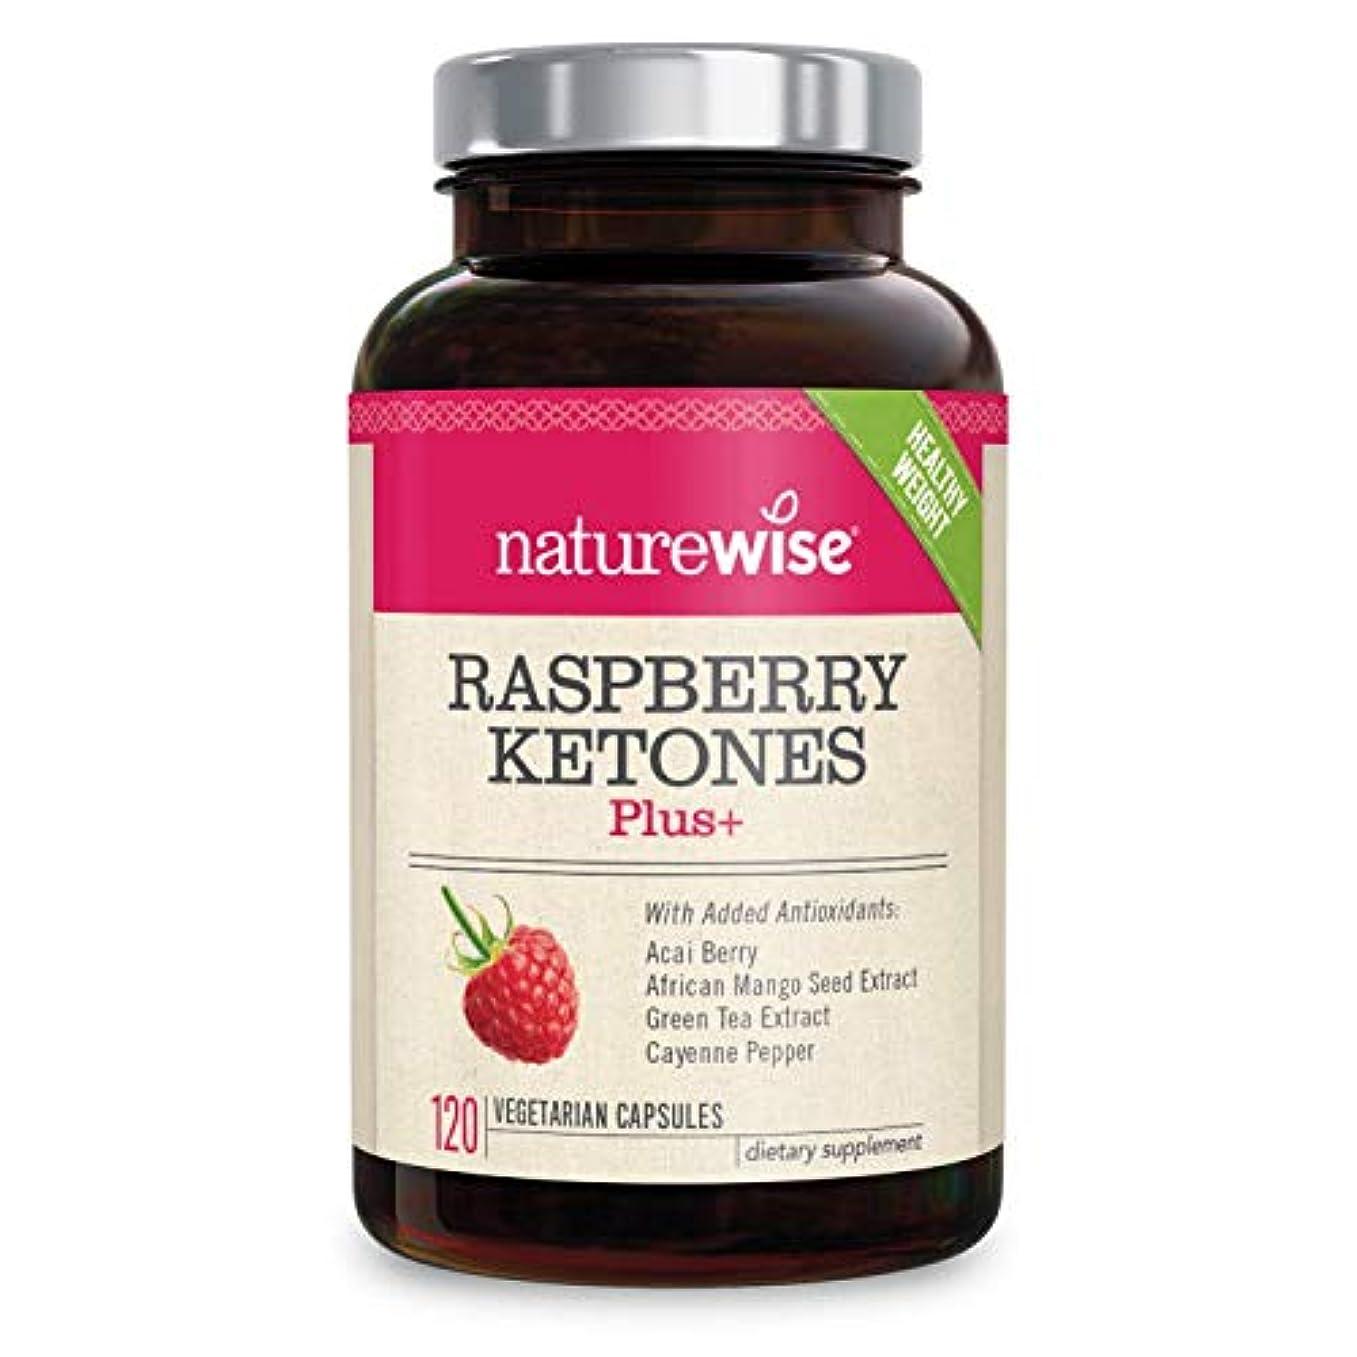 フェンス目指す修理工NatureWise Raspberry Ketones Plus ラズベリー ケトン プラス ケトジェニック ダイエット サプリ 120粒/60日分 [海外直送品]